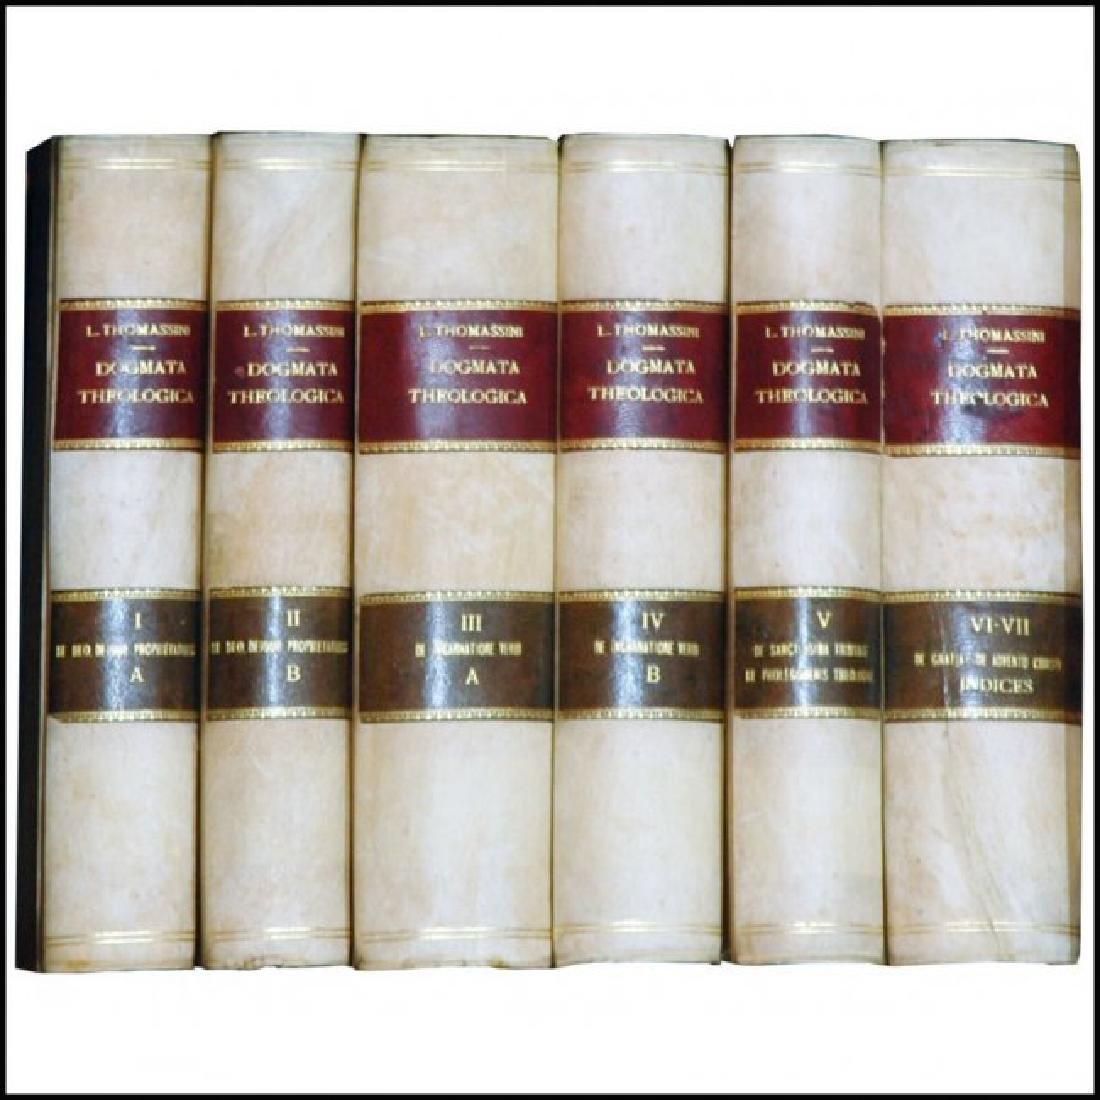 [Theology, Ethics] Thomassin, Dogmata, 1864-72, 7 v.